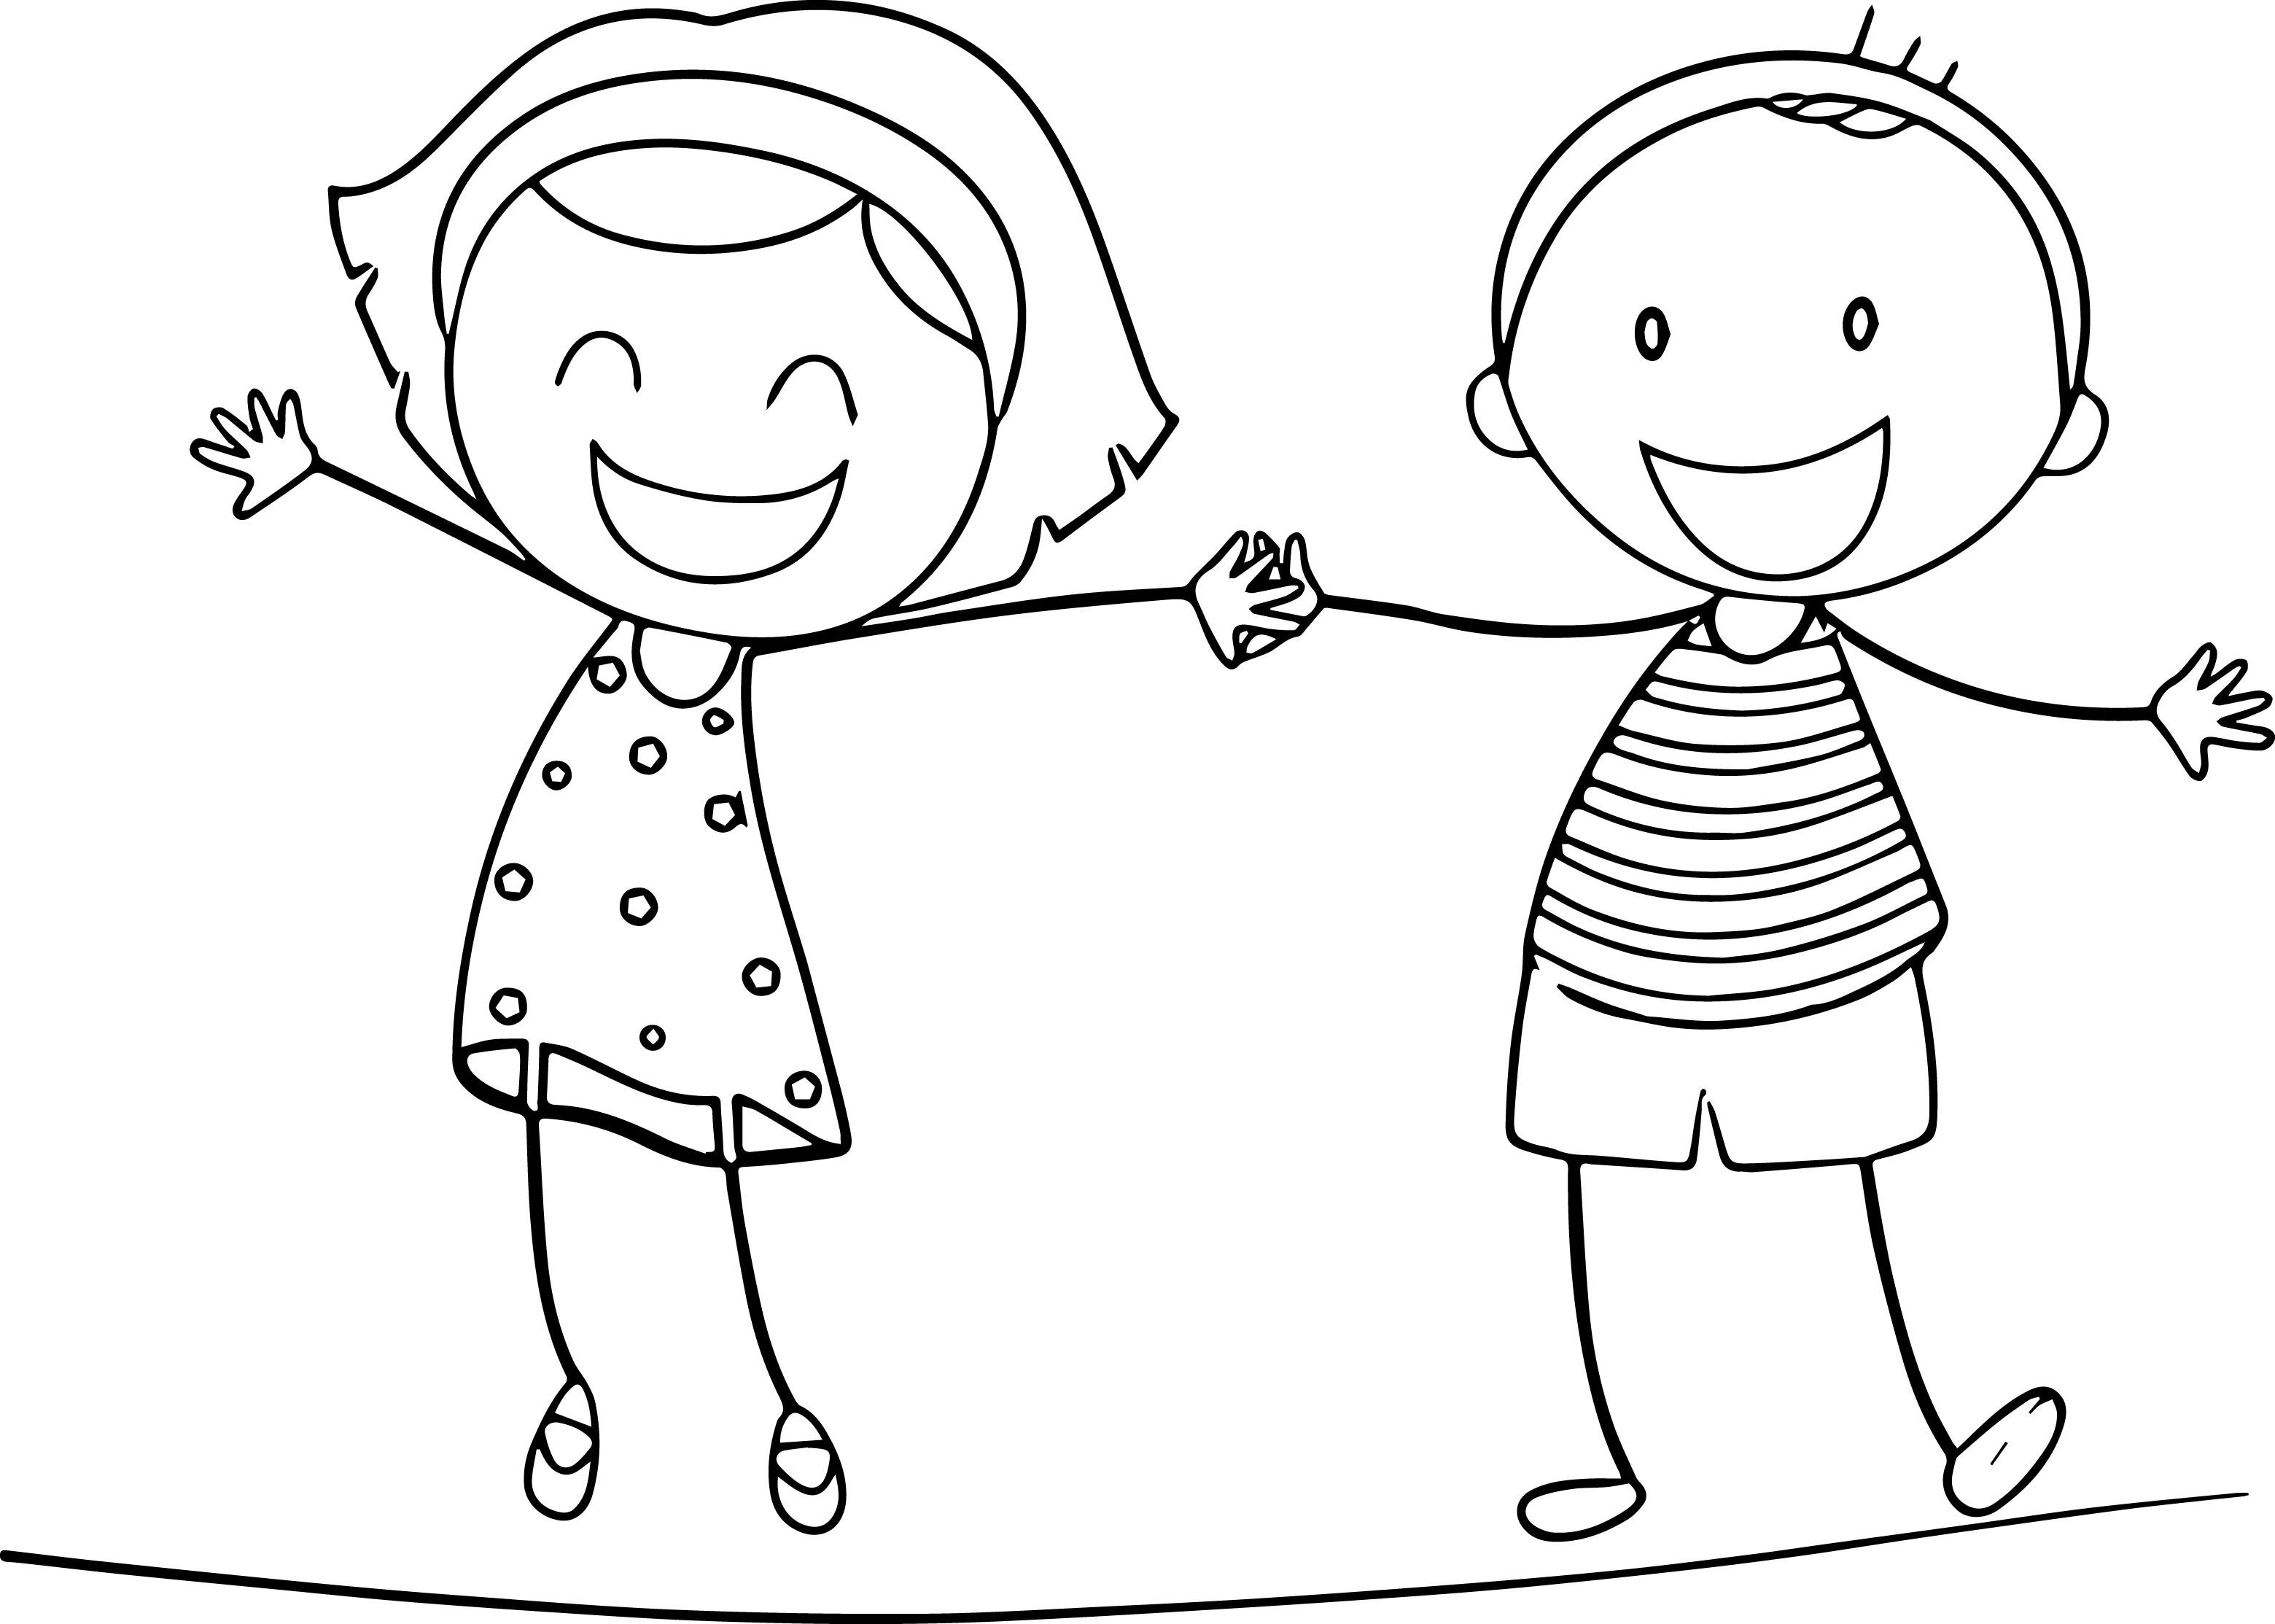 Boy And Girl Cartoon Drawing At Getdrawings